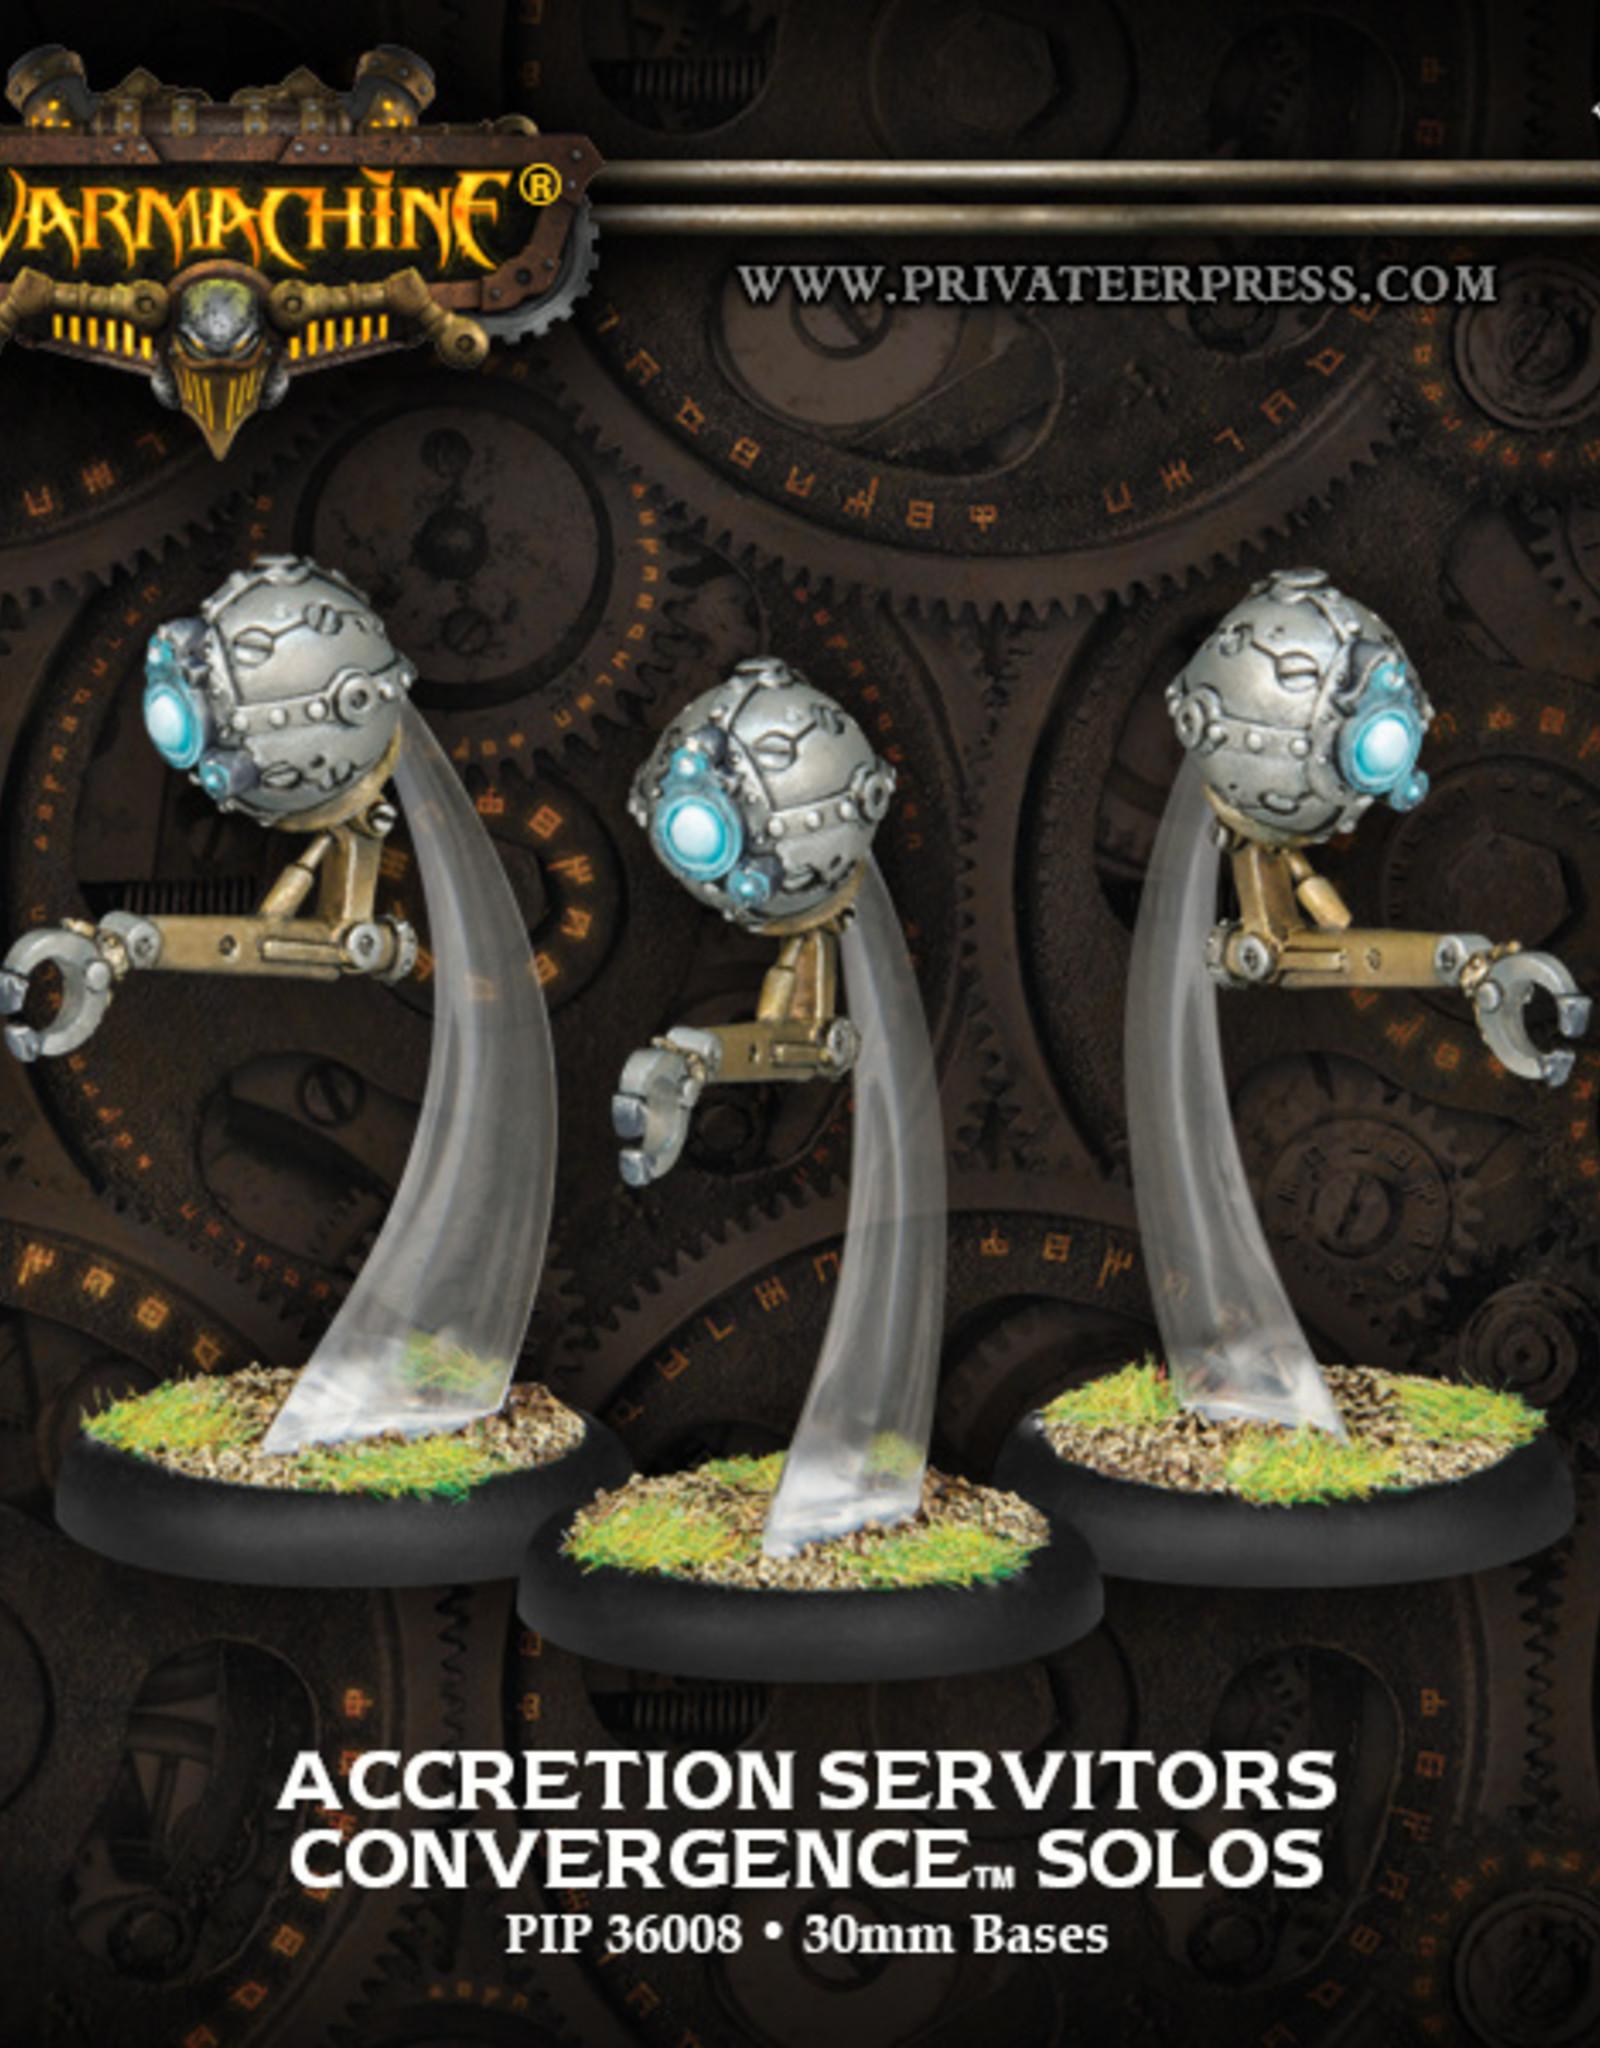 Privateer Press Accretion Servitors